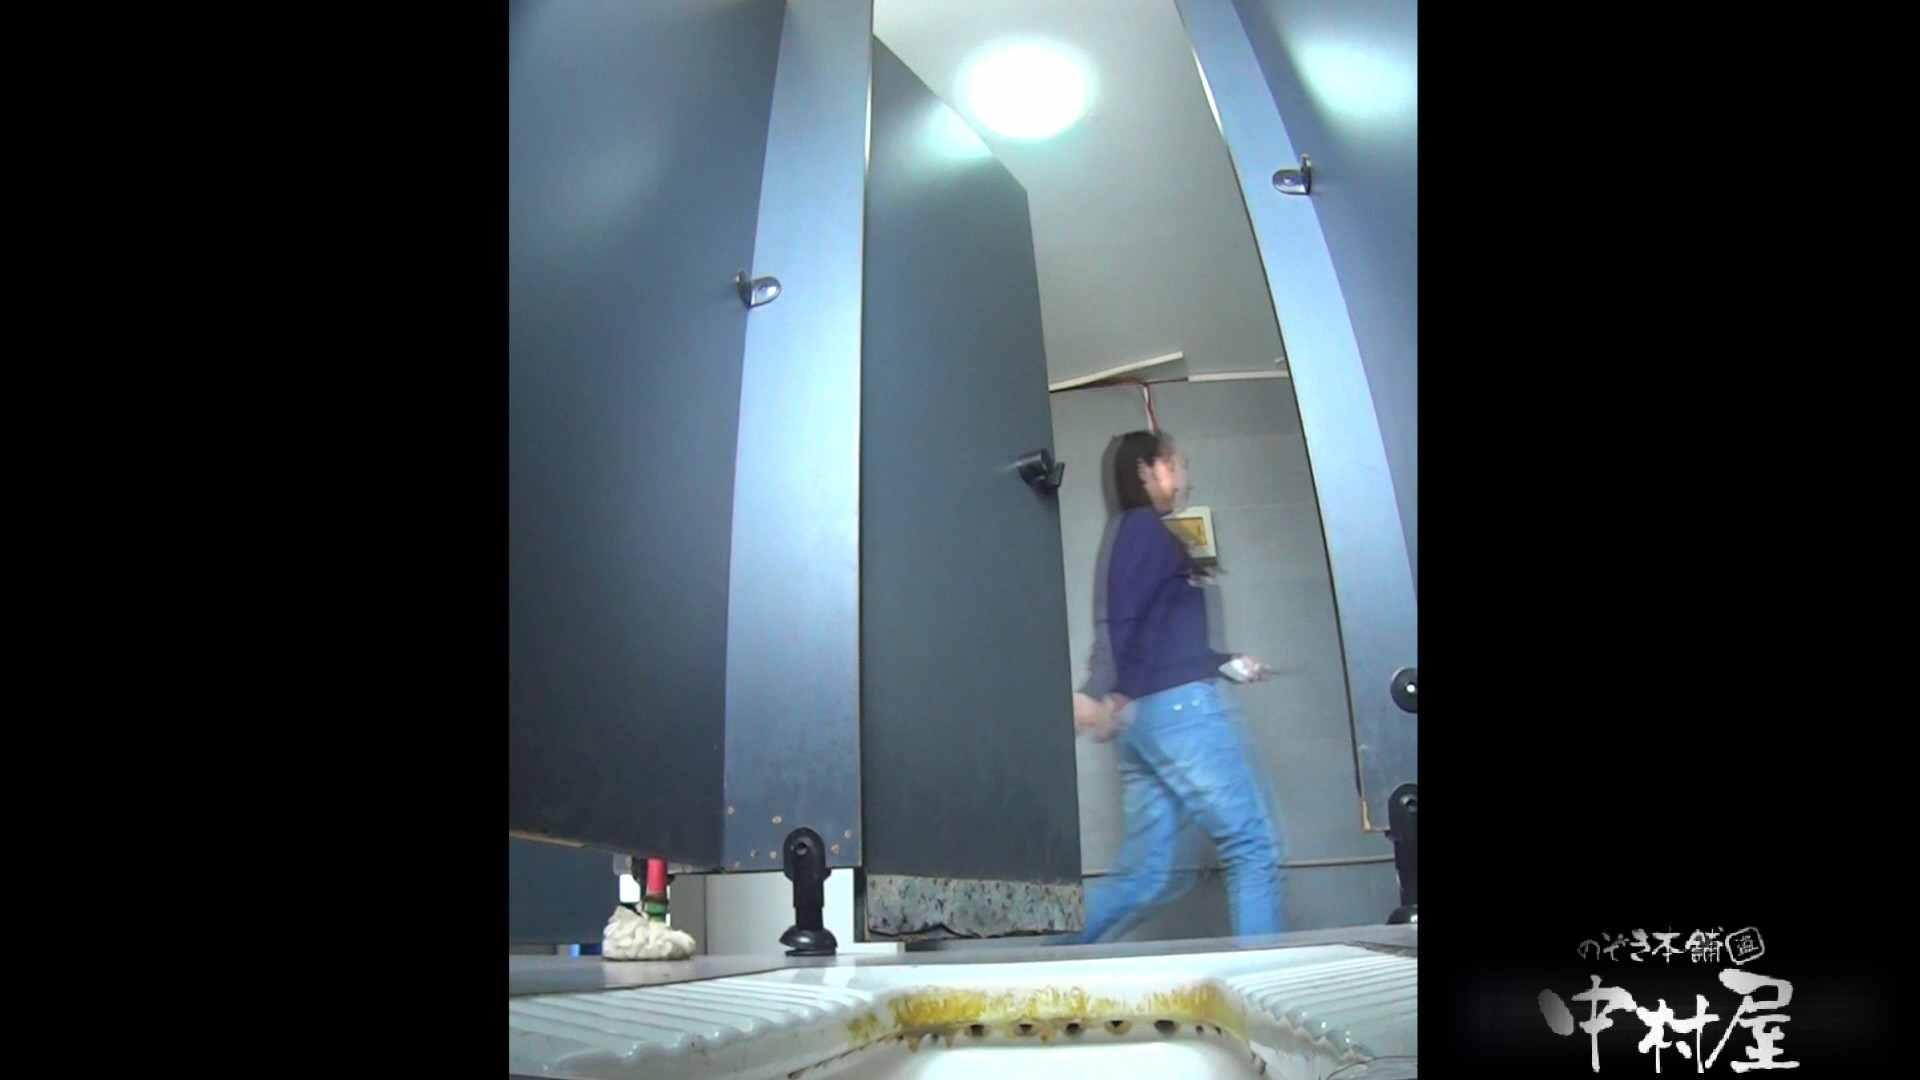 お尻フリフリ!大学休憩時間の洗面所事情16 盗撮師作品 のぞき動画画像 72pic 72